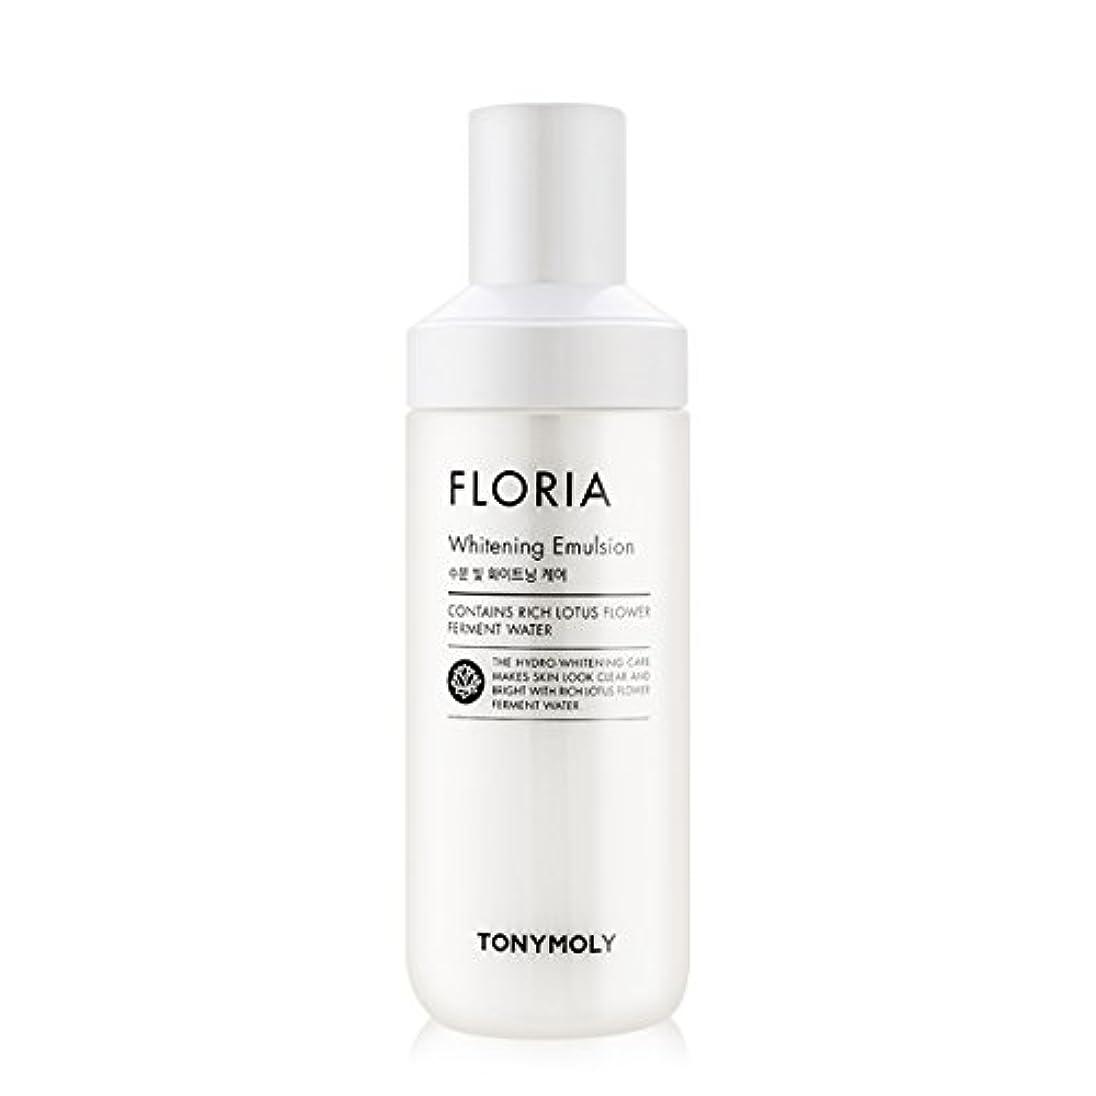 面視線民間人[2016 New] TONYMOLY Floria Whitening Emulsion 160ml/トニーモリー フロリア ホワイトニング エマルジョン 160ml